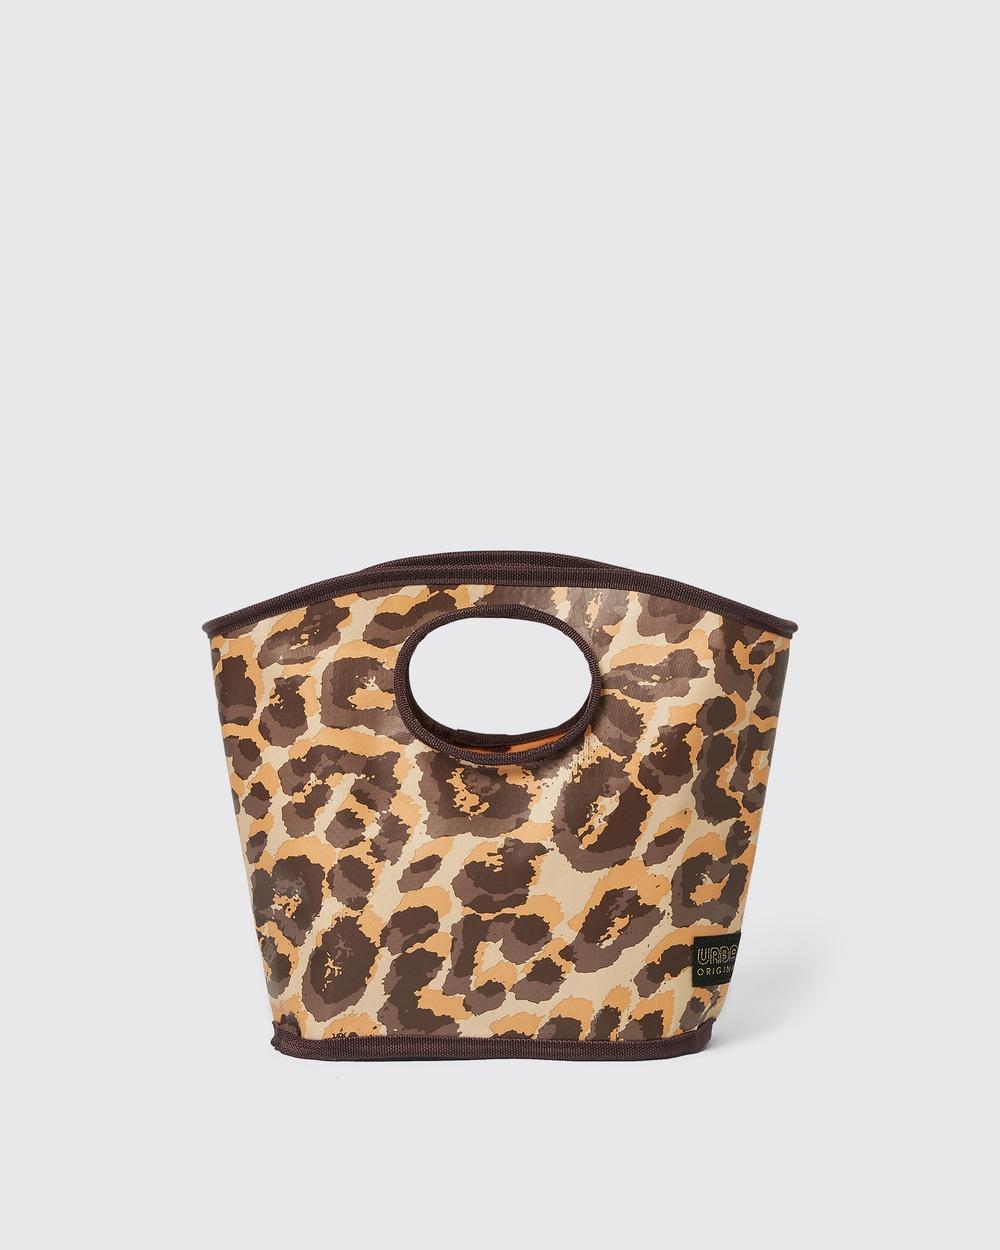 Urban Originals Small Carry All Bag Bags Leopard